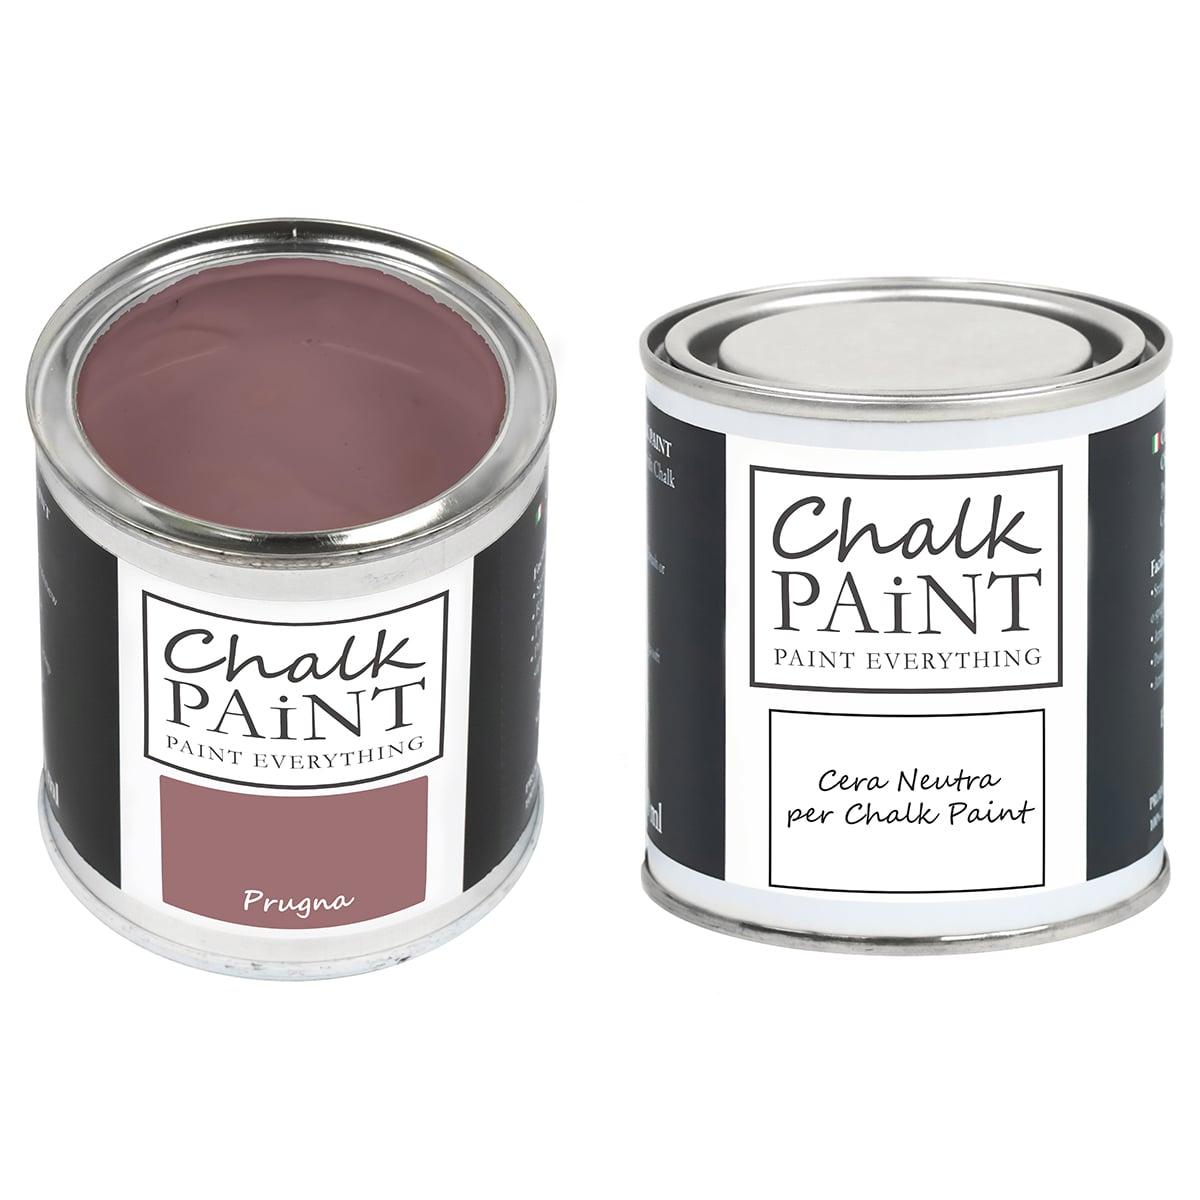 Prugna Chalk paint e cera in offerta decora facile con paint magic